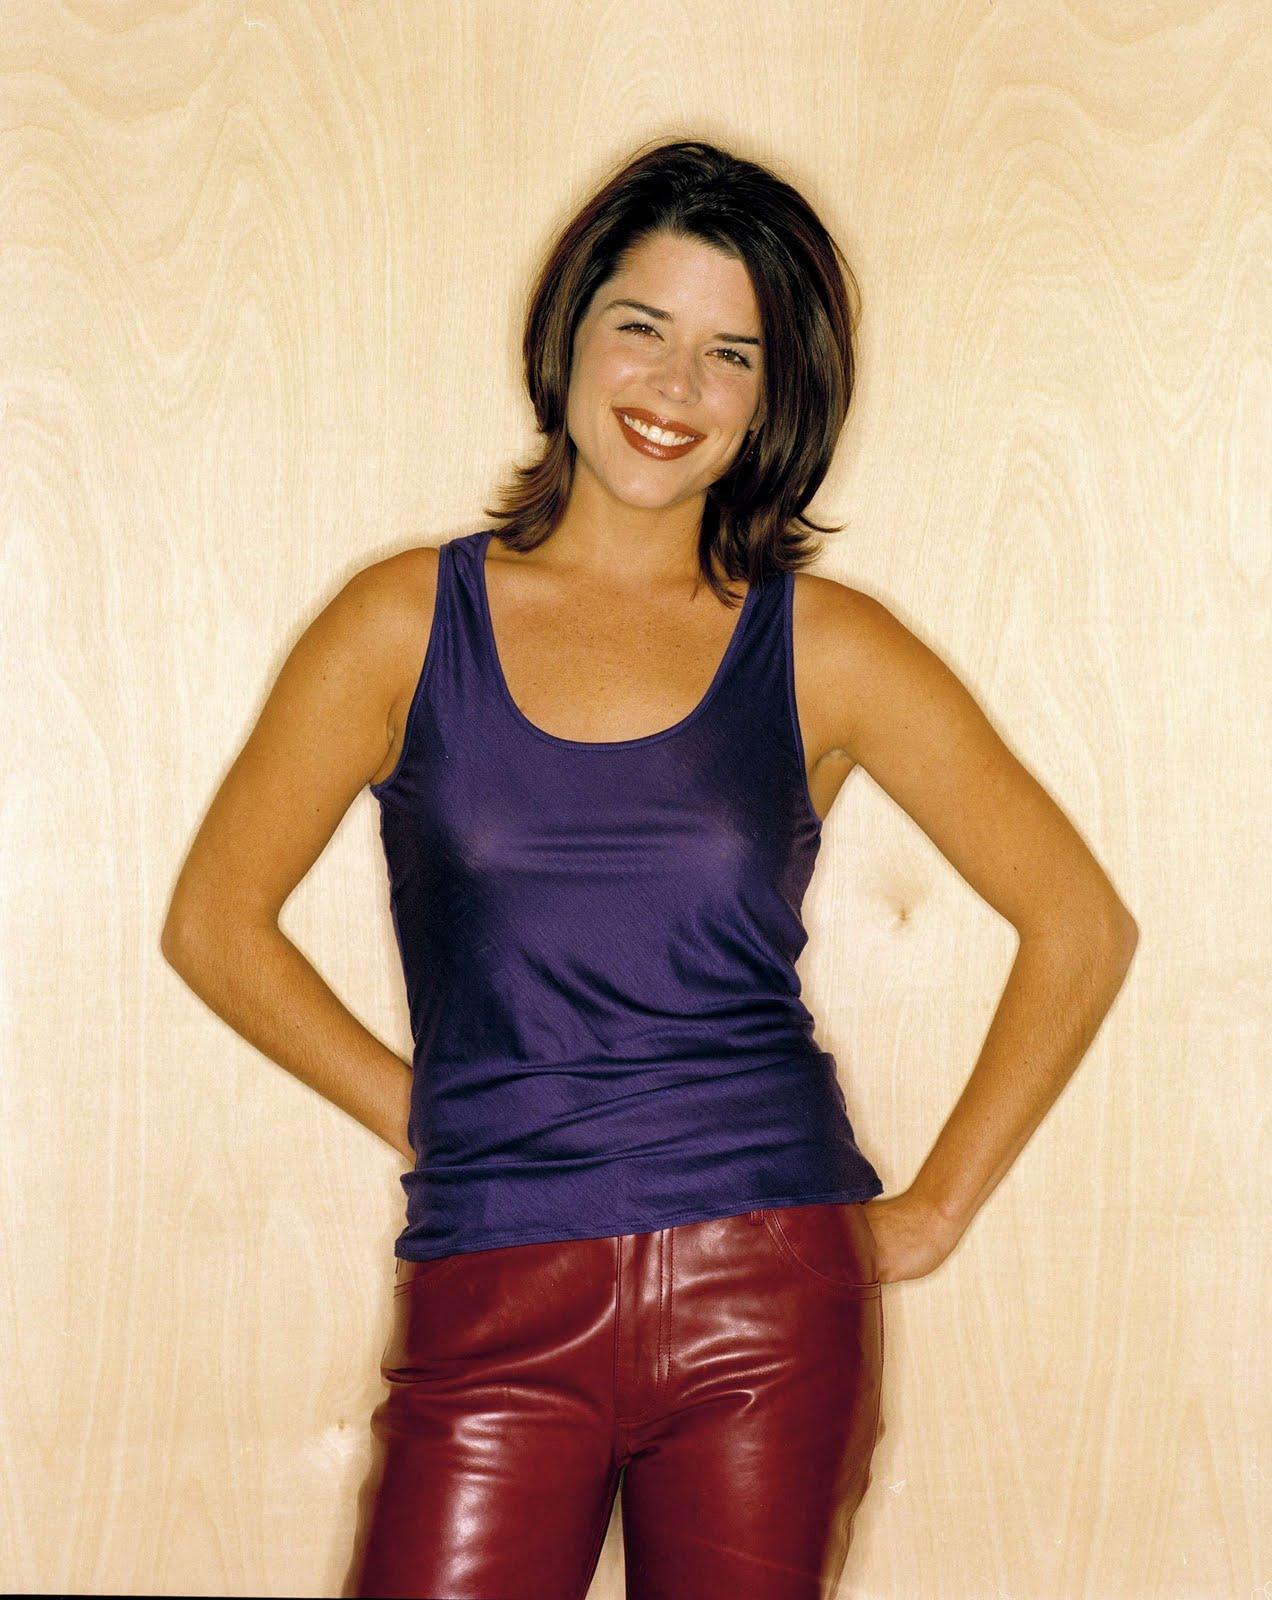 Sexy Actress: Neve Campbell